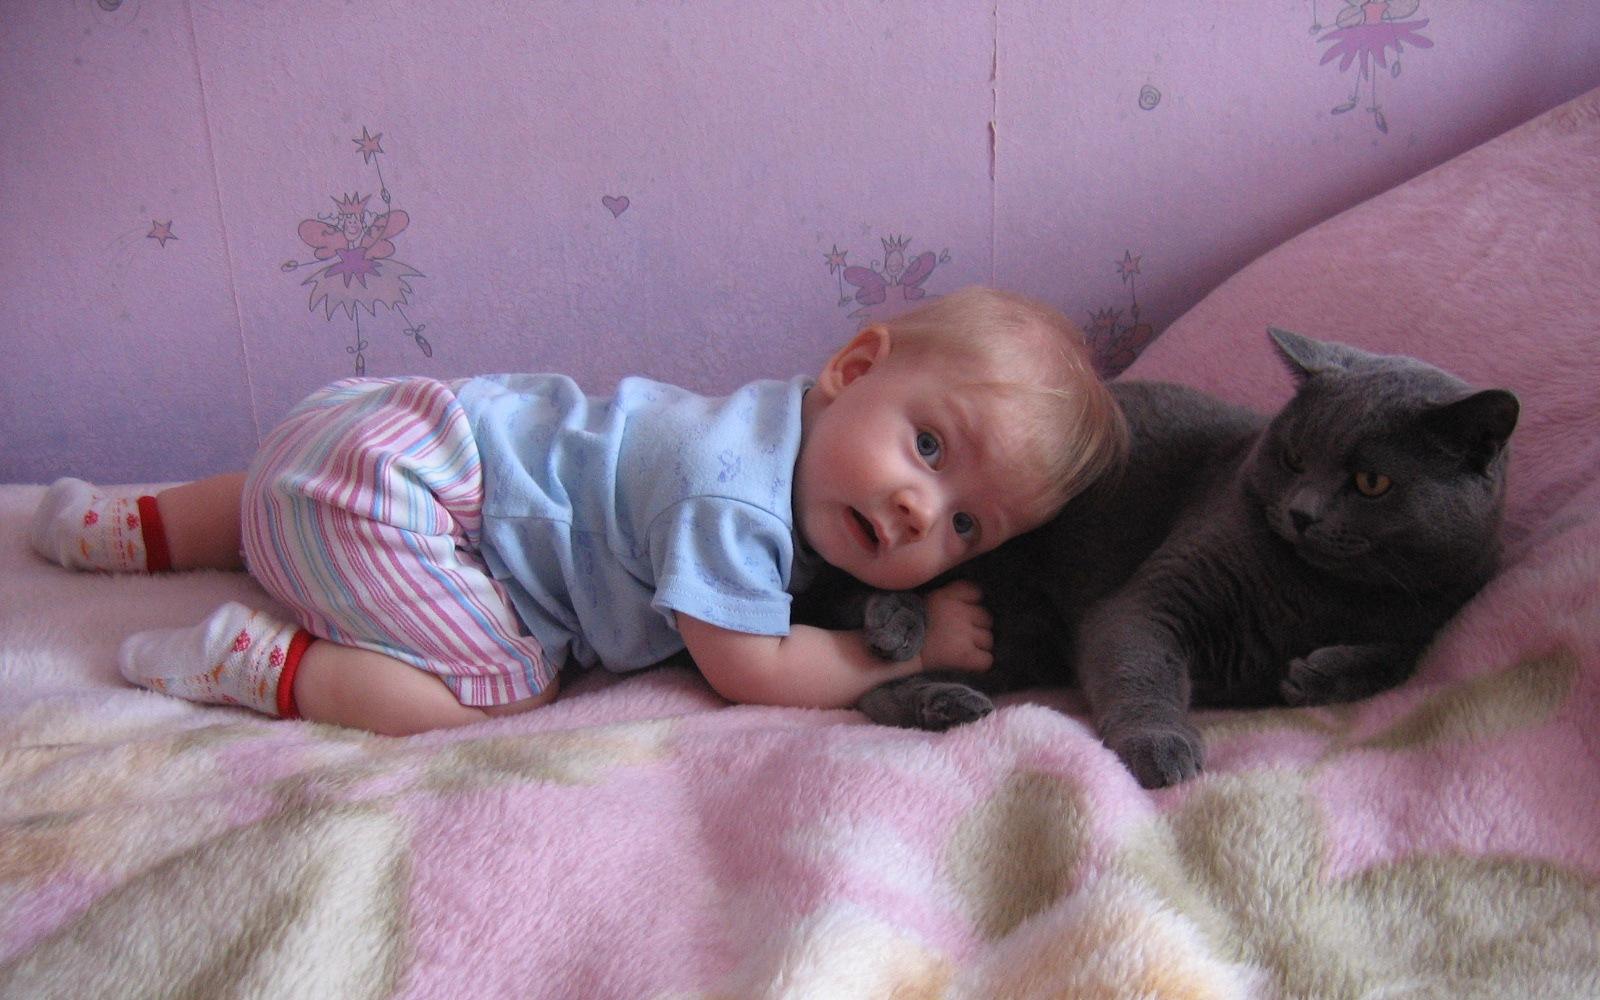 Моя любимая подушка - мягкая и теплая :). Ребенок и   котенок